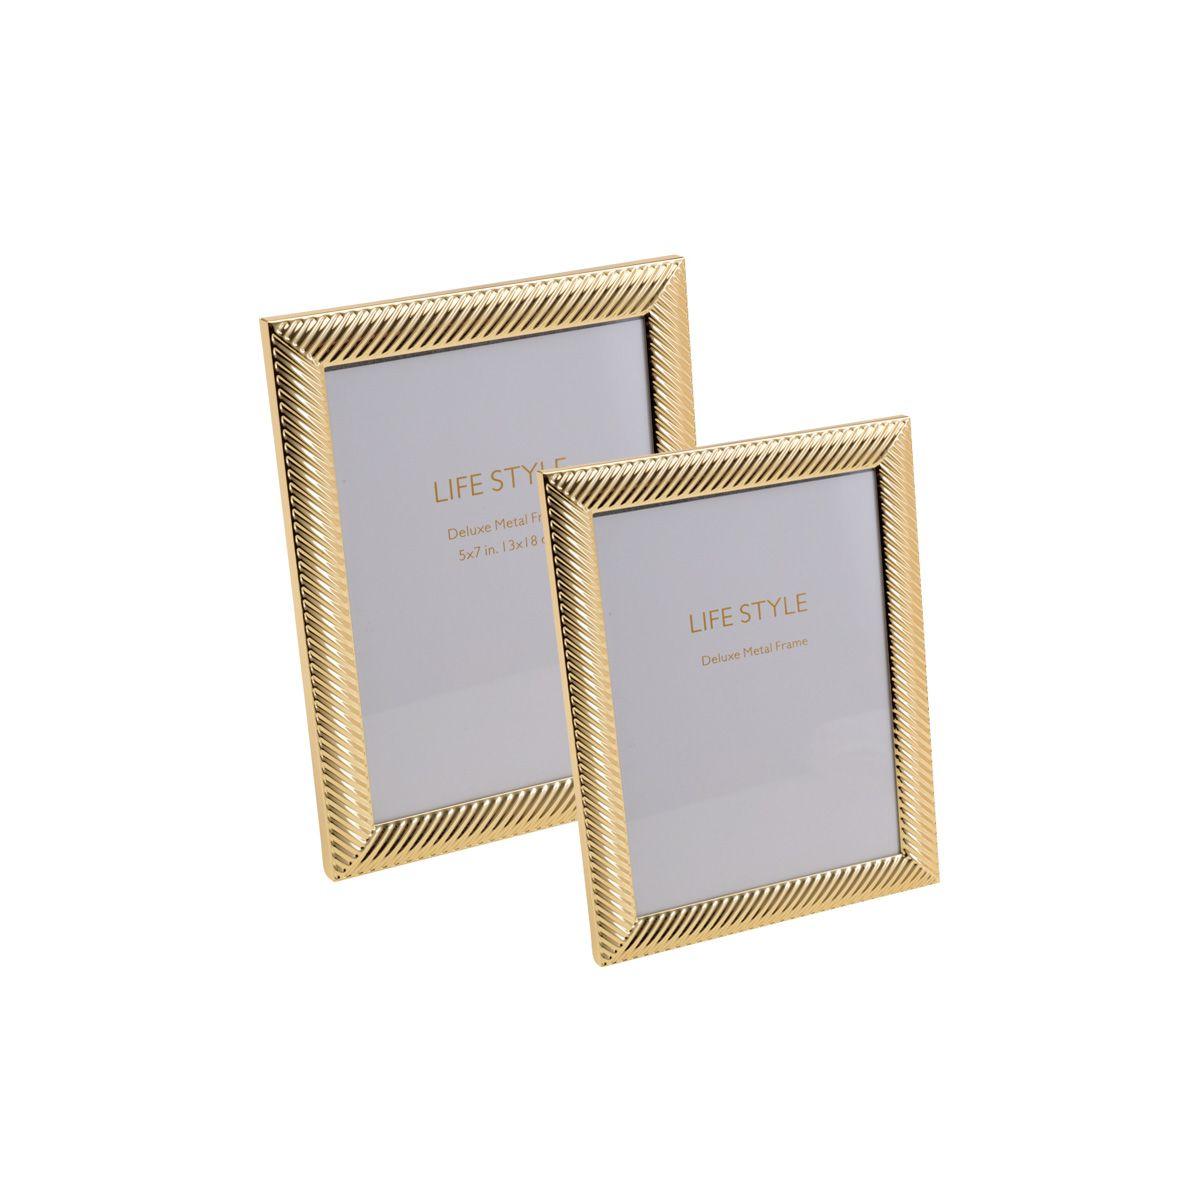 Porta-retrato 15 x 20 cm de aço dourado Thick Line Royal - 30457